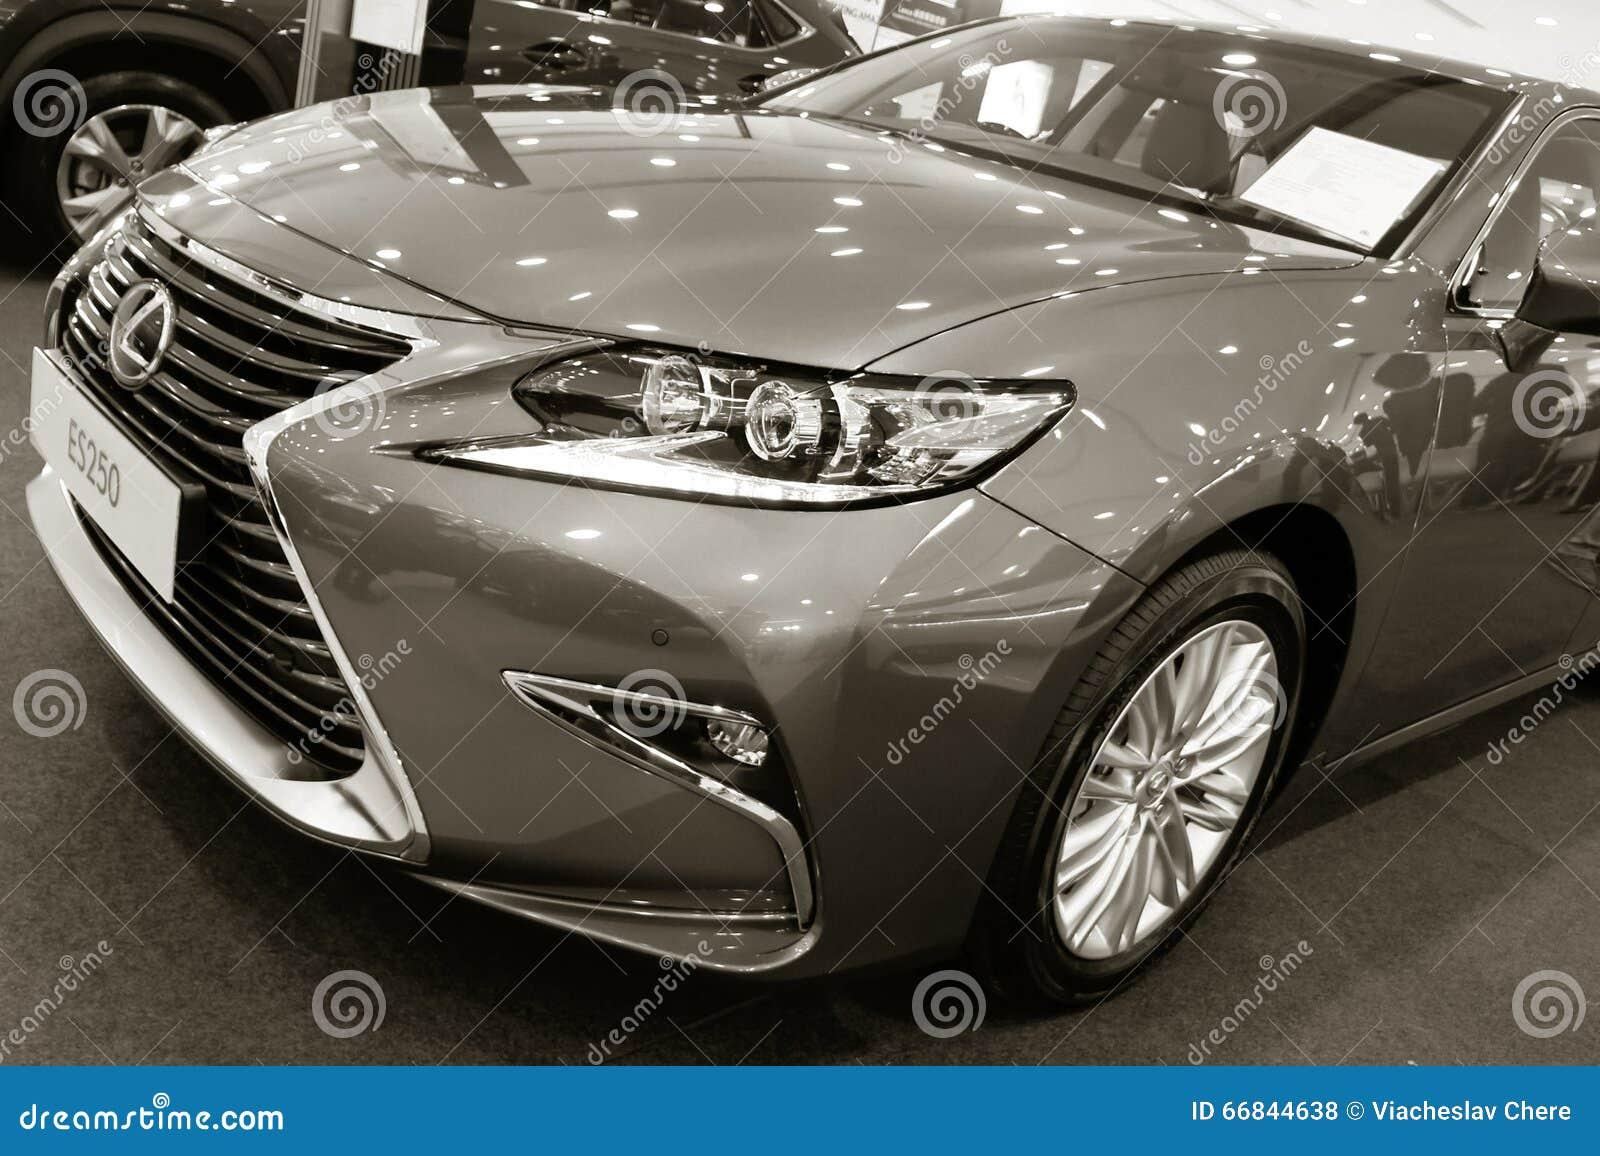 Présentation D'exposition D'un Nouveau Modèle Lexus De Voiture Photo stock éditorial - Image ...